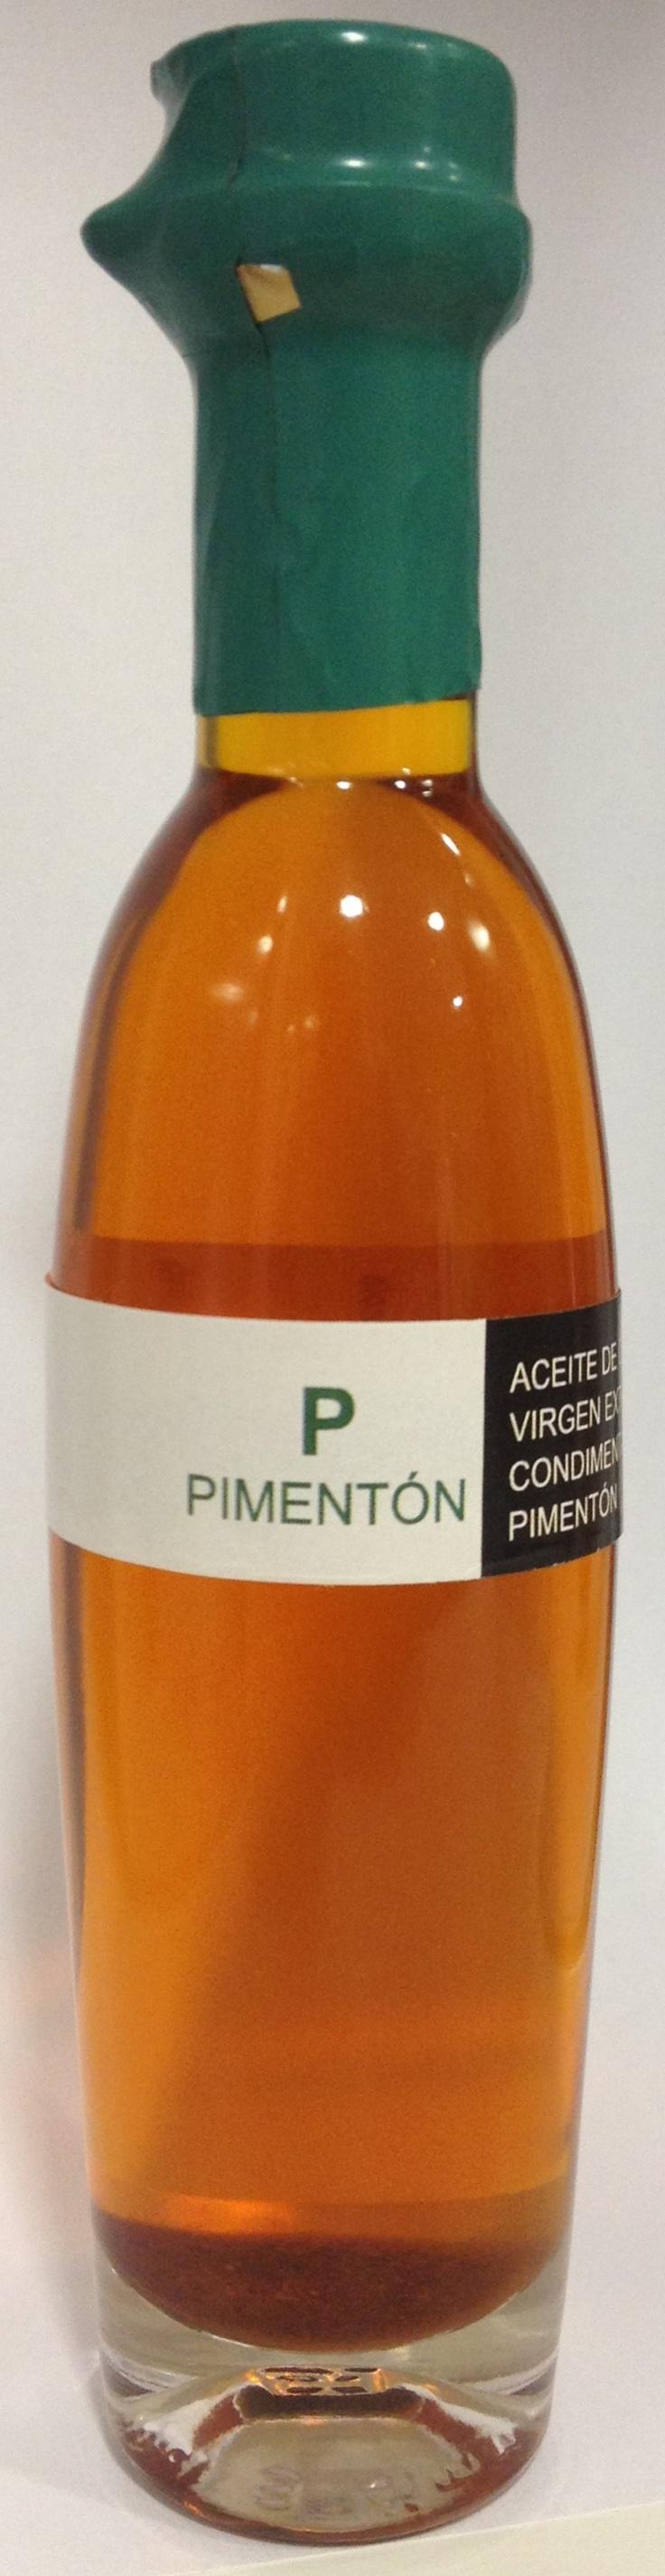 Aceite de oliva virgen extra ecostean con pimentón!